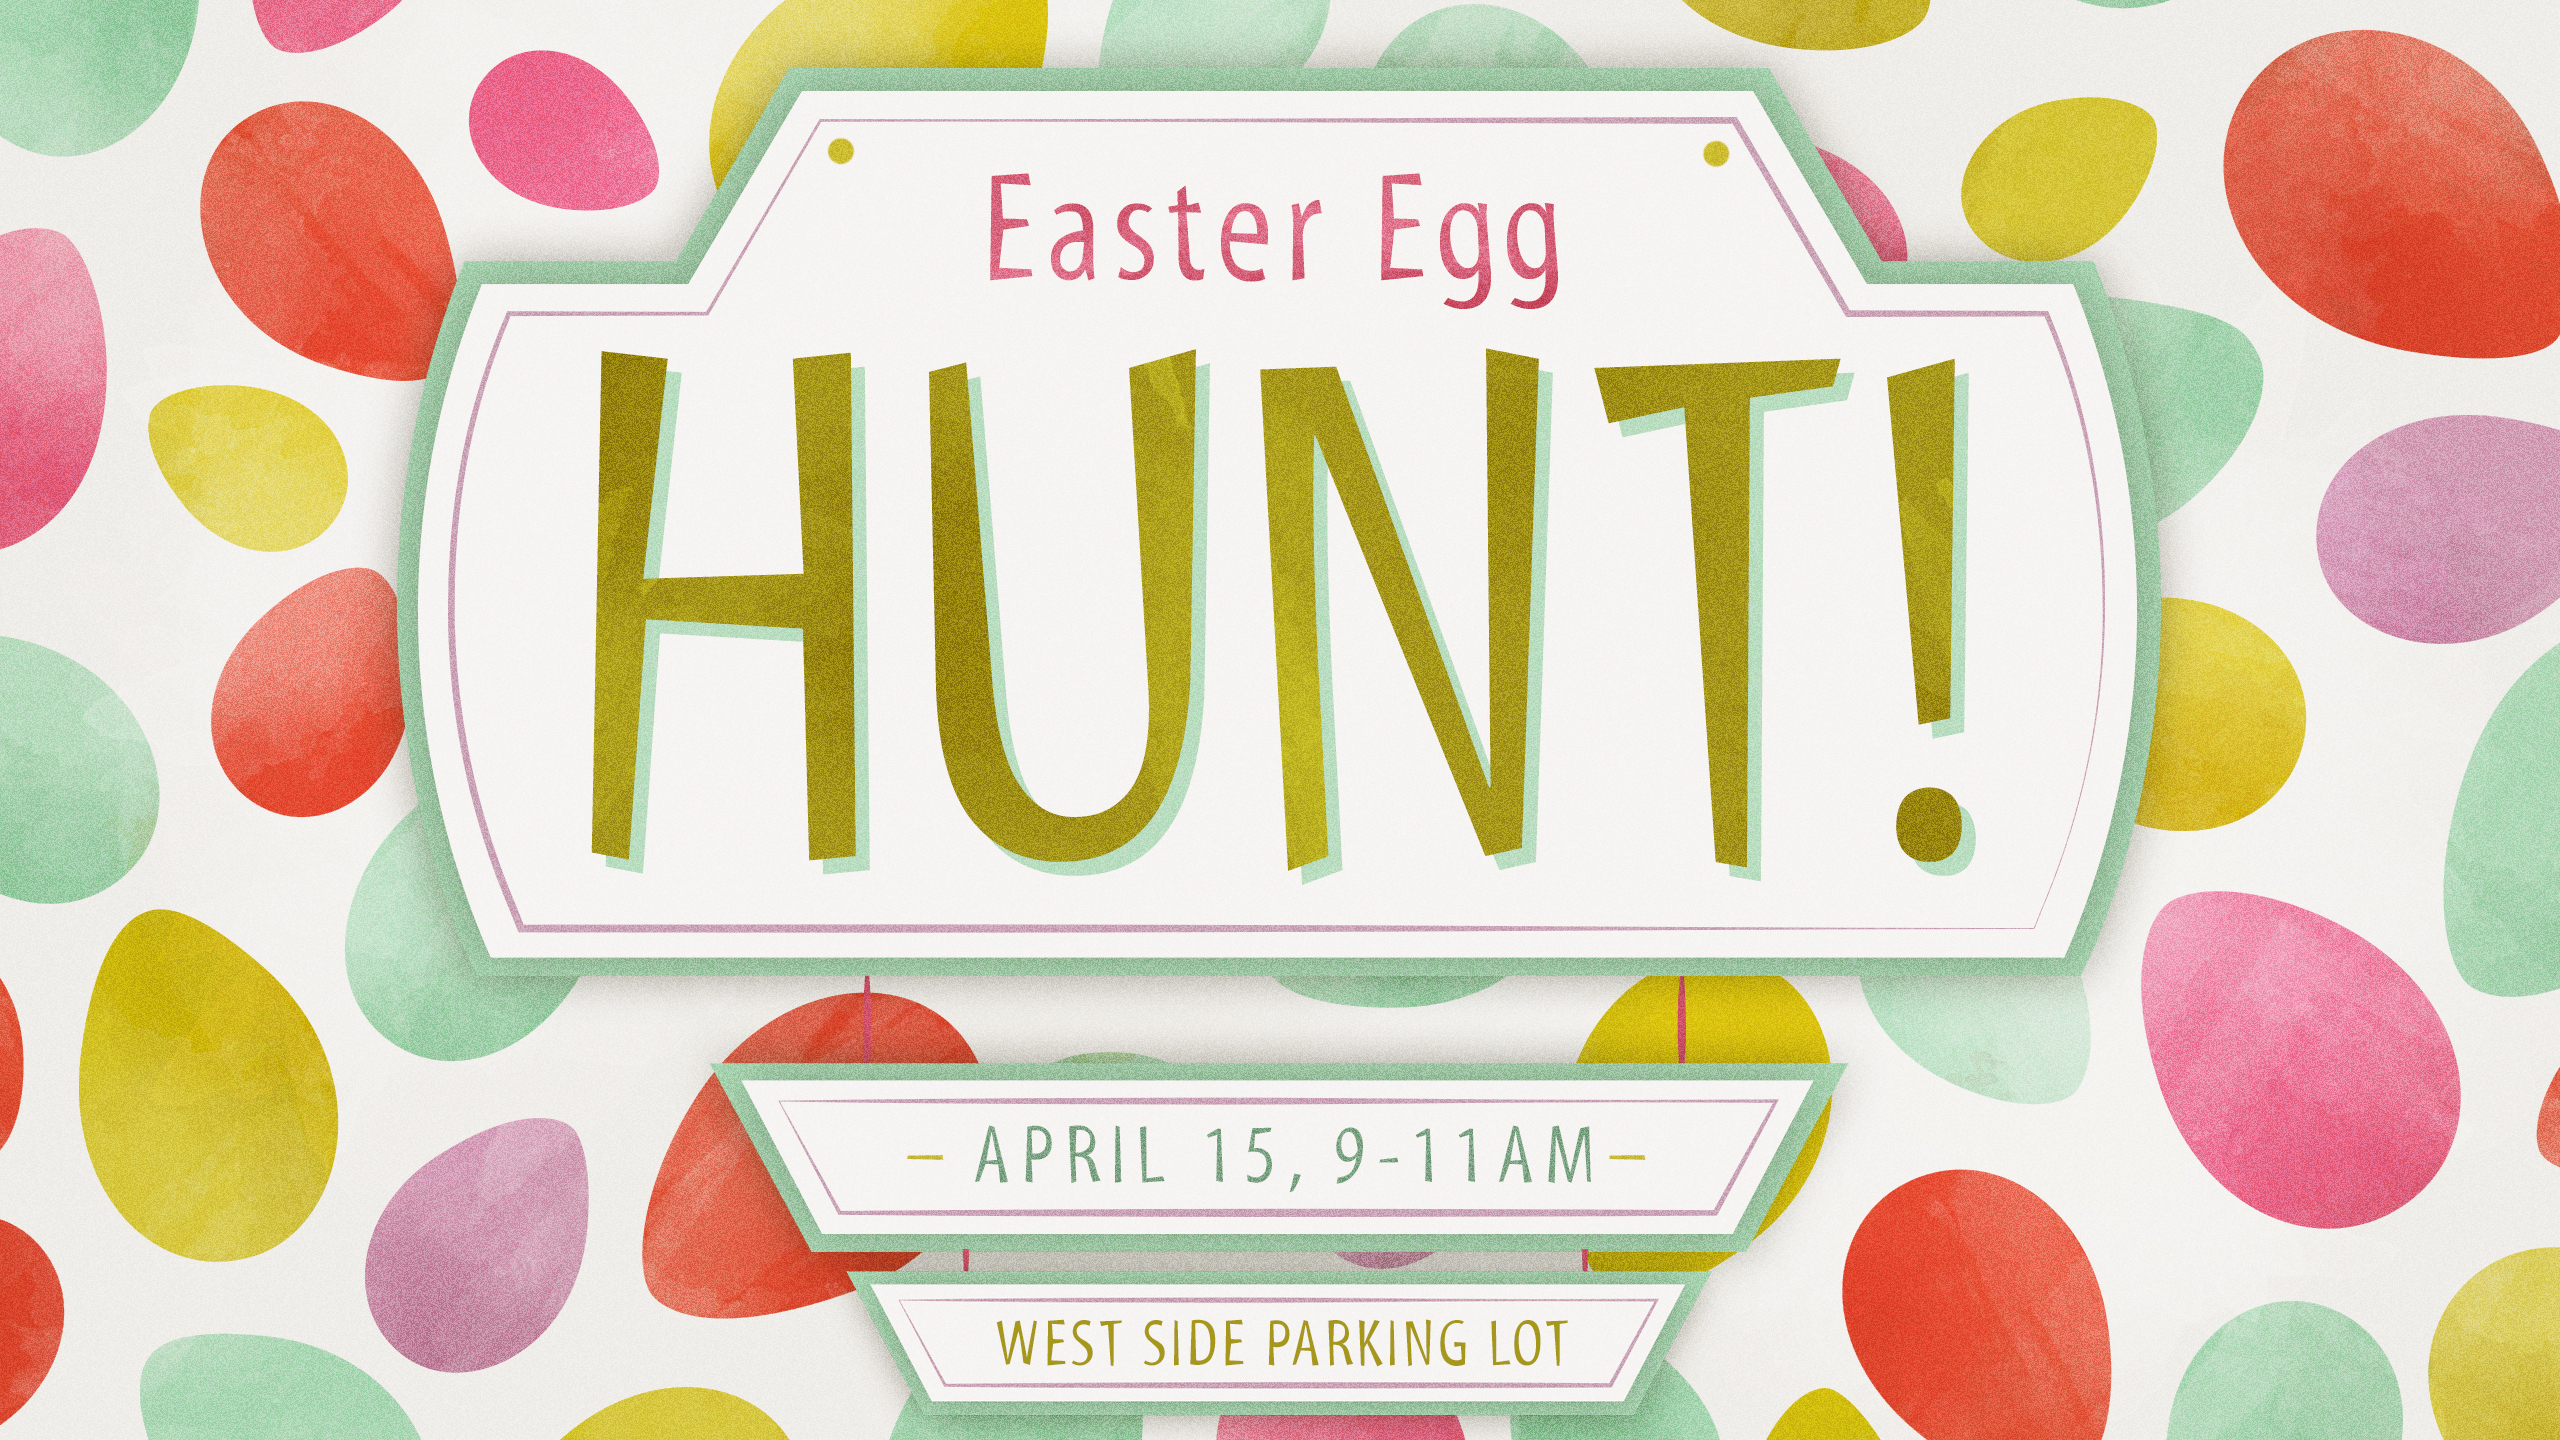 EggHunt_April2017